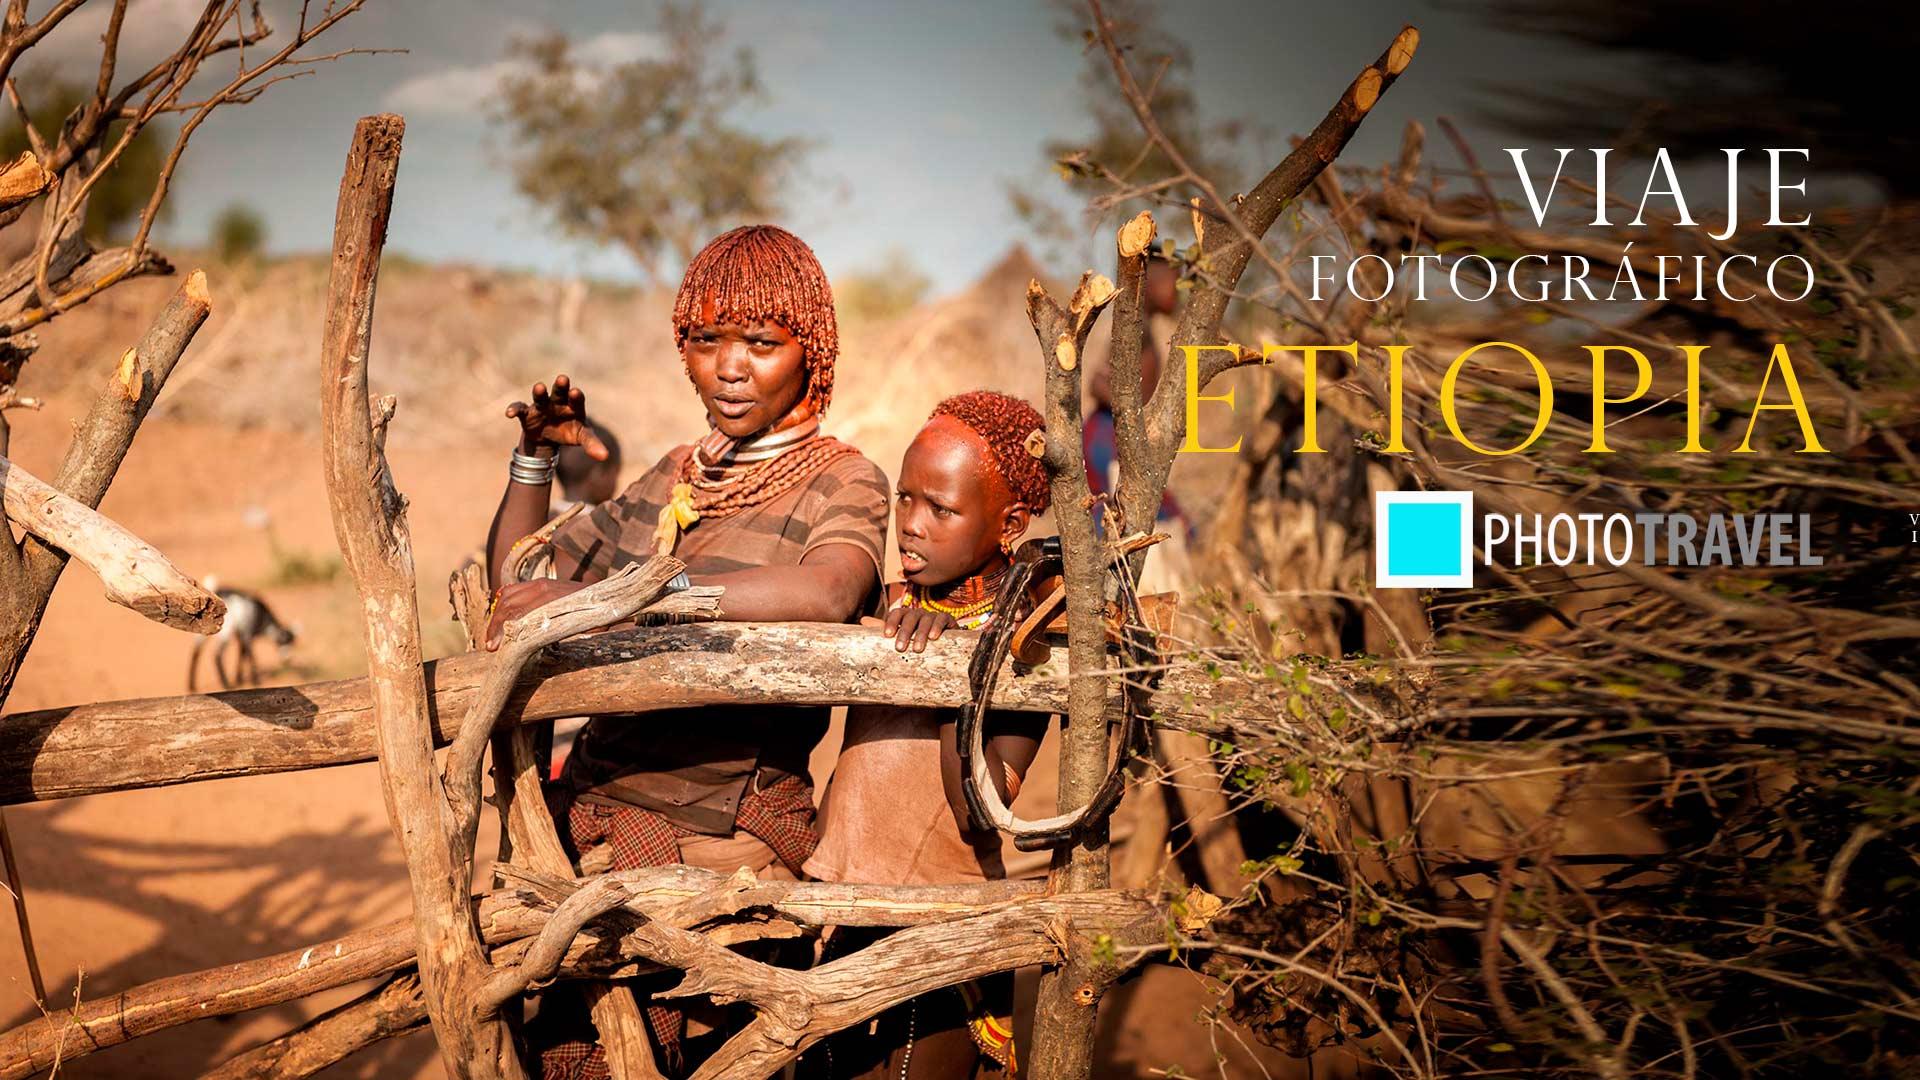 viaje-fotografico-etiopia-2019